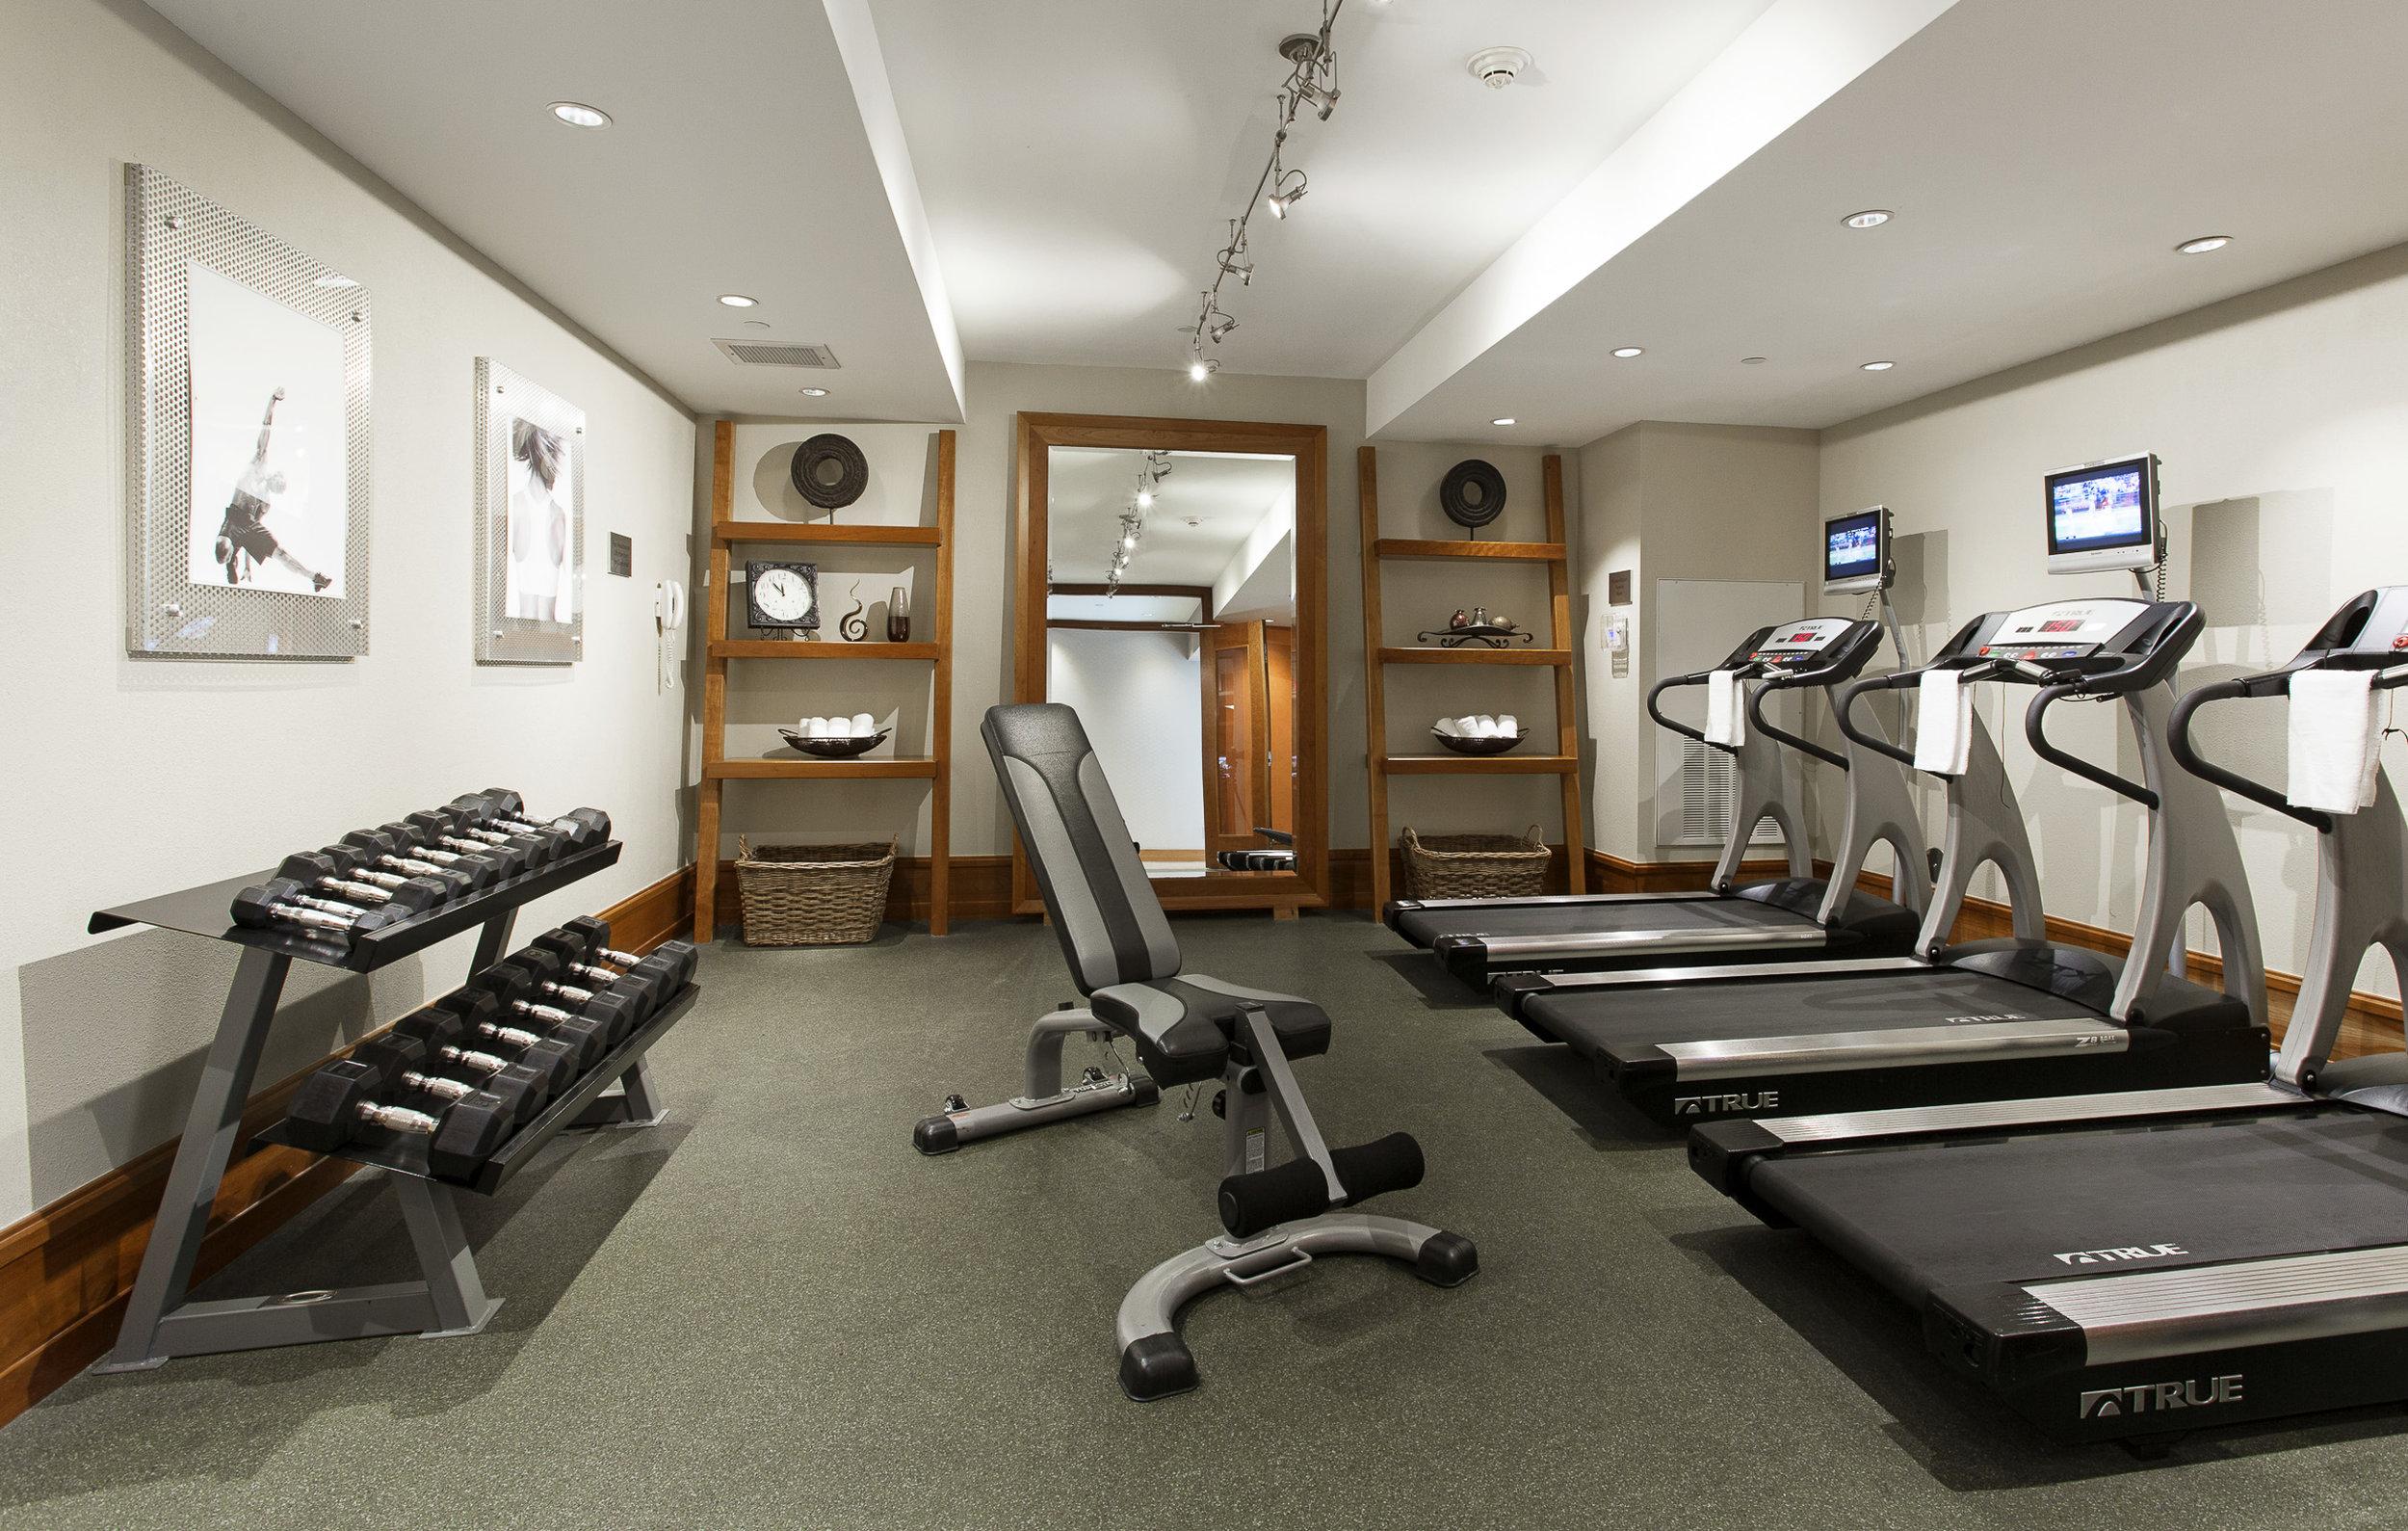 BC_FitnessRoom_010.jpg